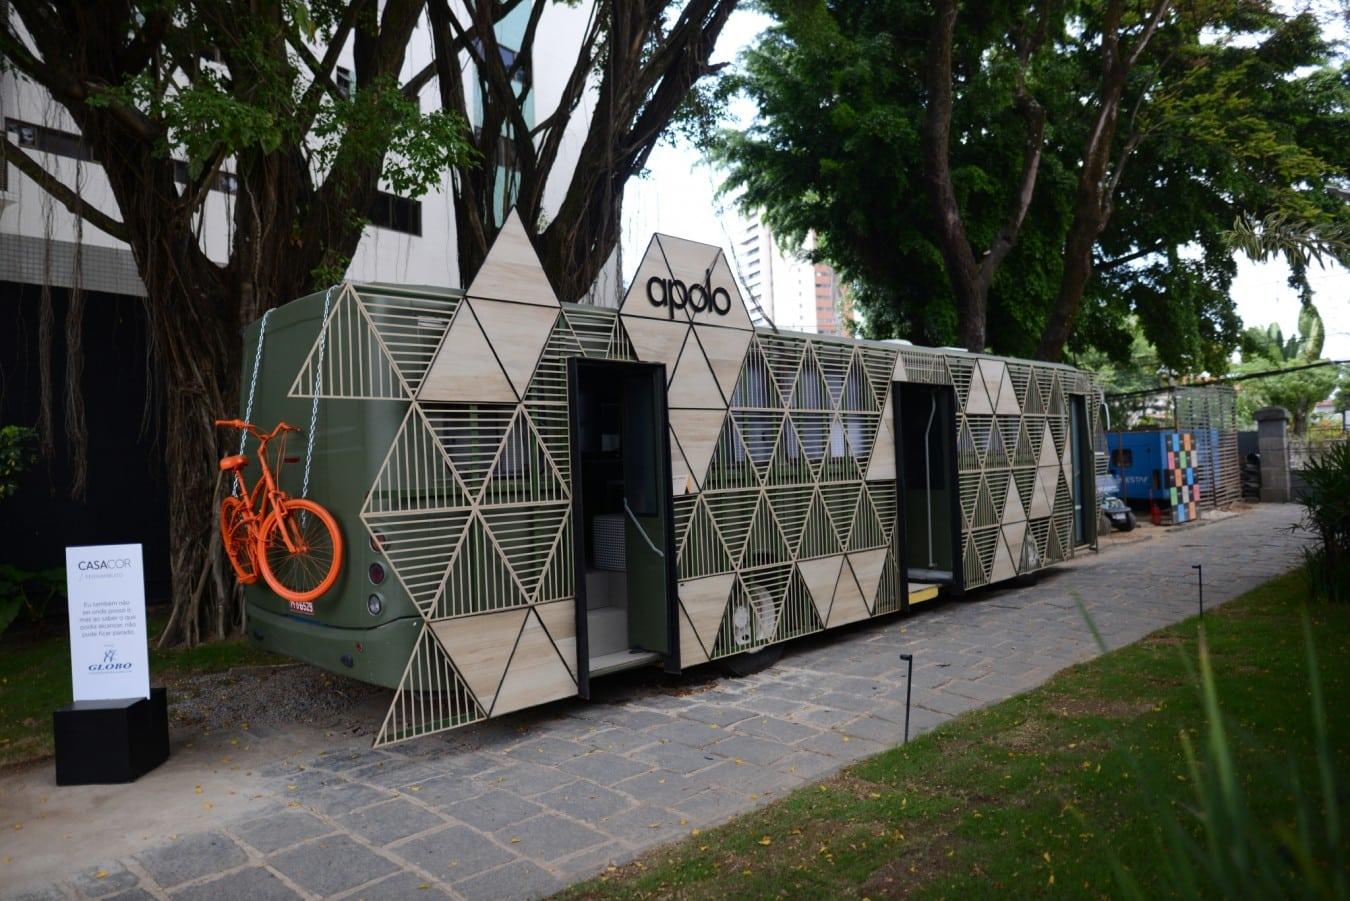 LOFT APOLO2 - Mobilidade, conforto e sustentabilidade nos jardins da CASACOR PE